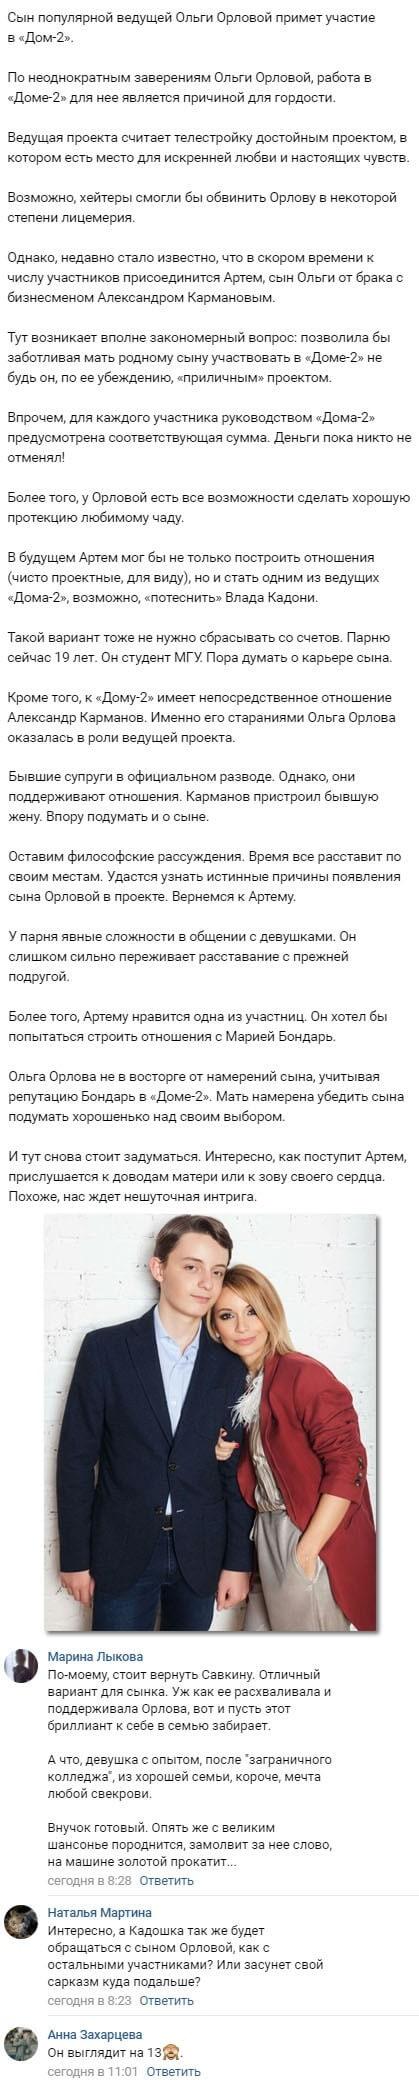 Сын Ольги Орловой скоро станет участником Дом-2